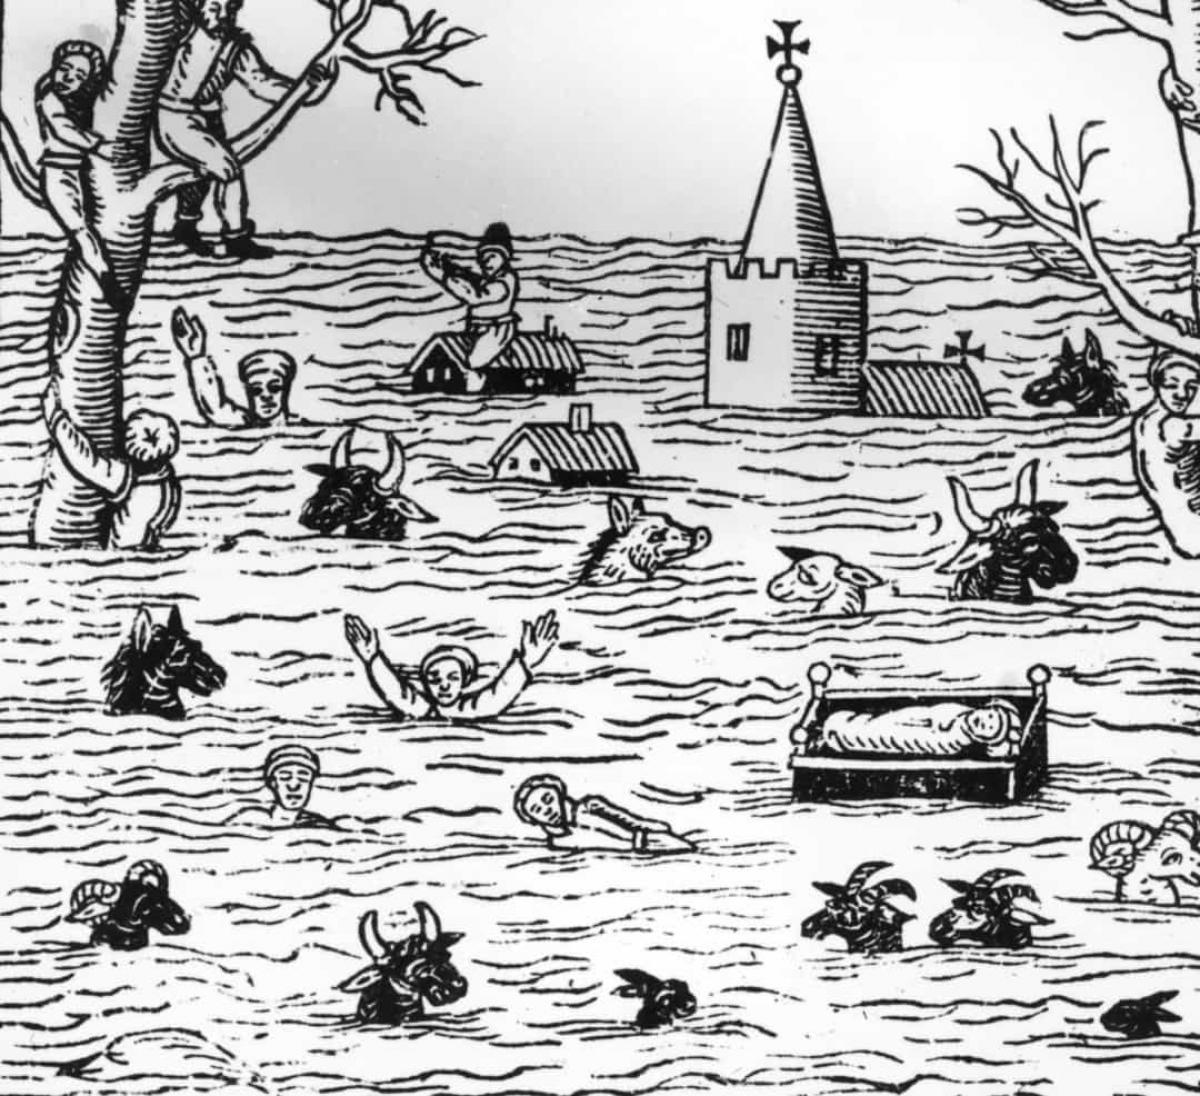 Trận lũ lụt ở kênh Bristol năm 1607. Năm 1607, một trận sóng thần đã ập vào thị trấn Burnham-on-Sea và kênh Bristol của Anh. Đây là một trong những thảm họa thiên nhiên tồi tệ nhất của Anh khi đã khiến 2.000 người thiệt mạng.